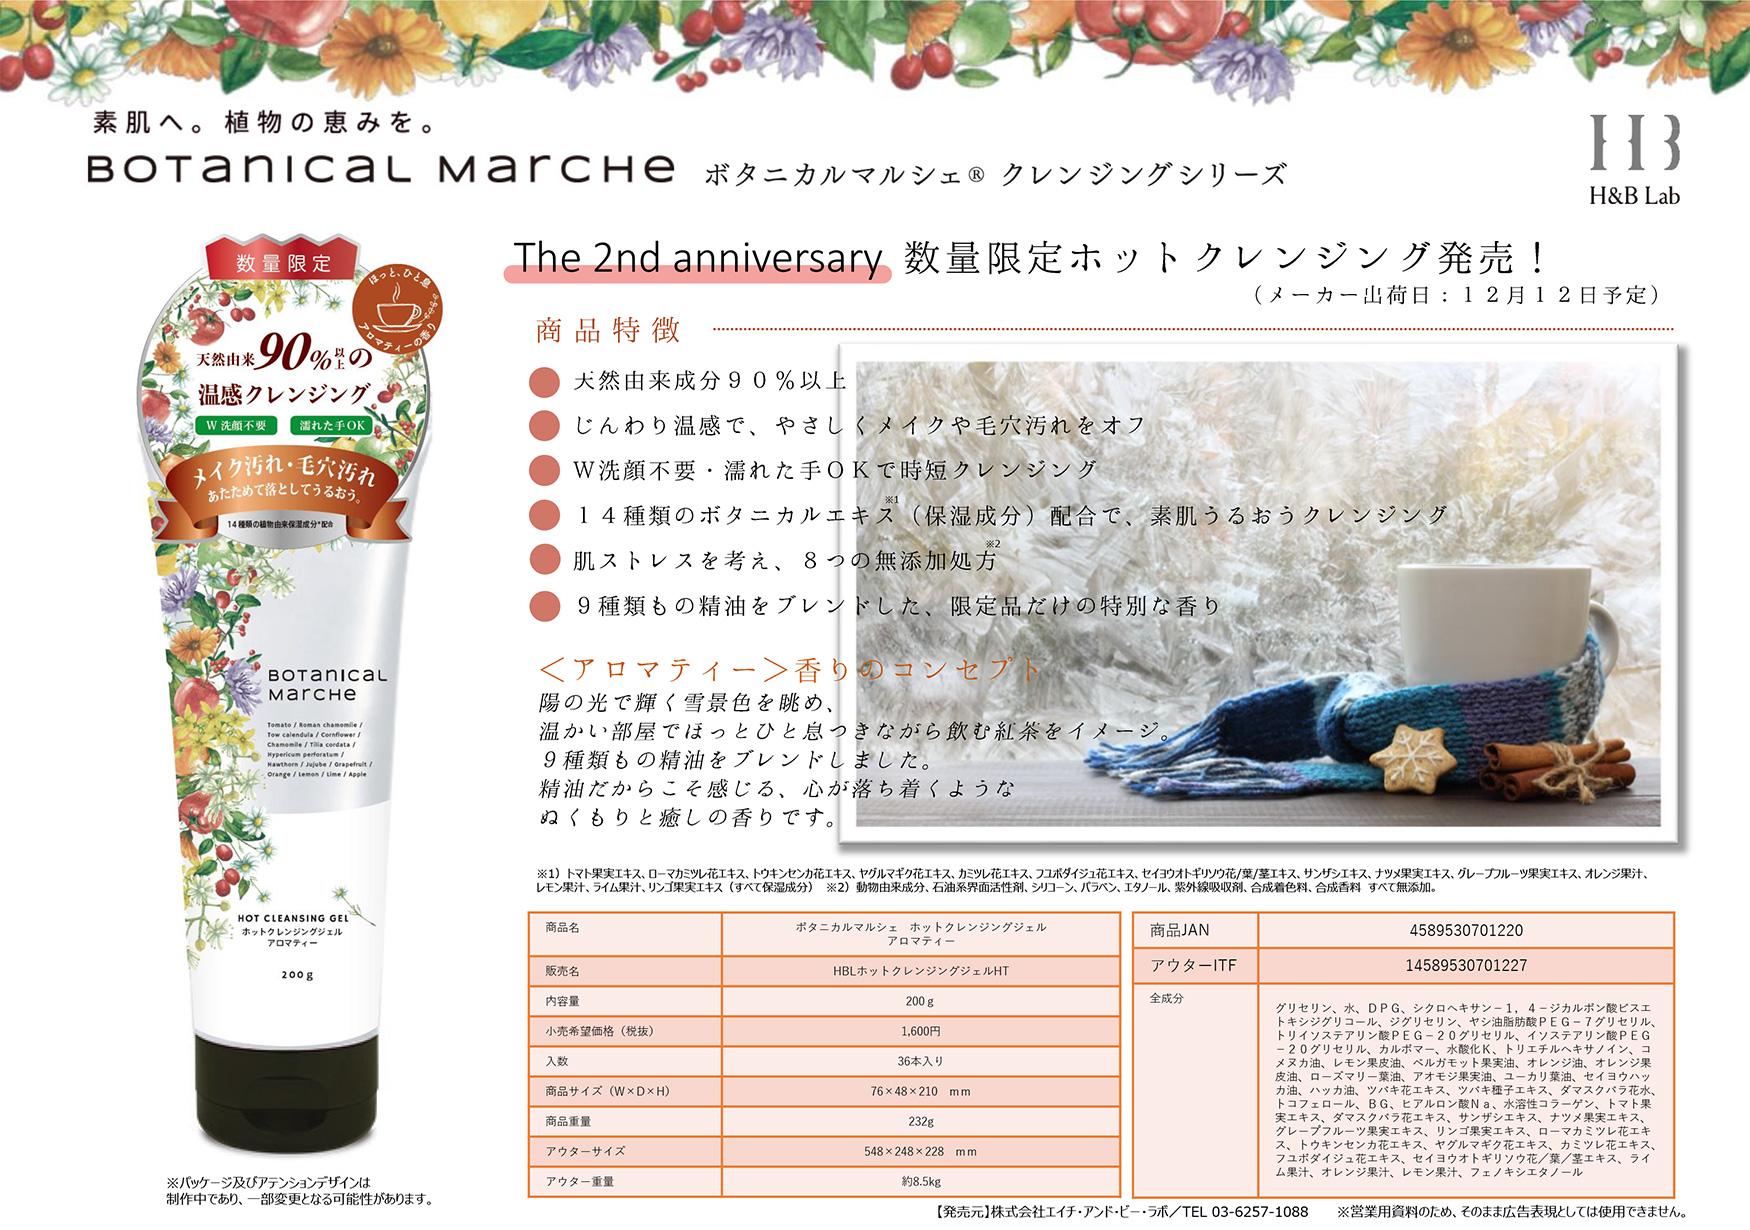 【規定書】ボタニカルマルシェ ホットクレンジングジェル アロマティー(1)